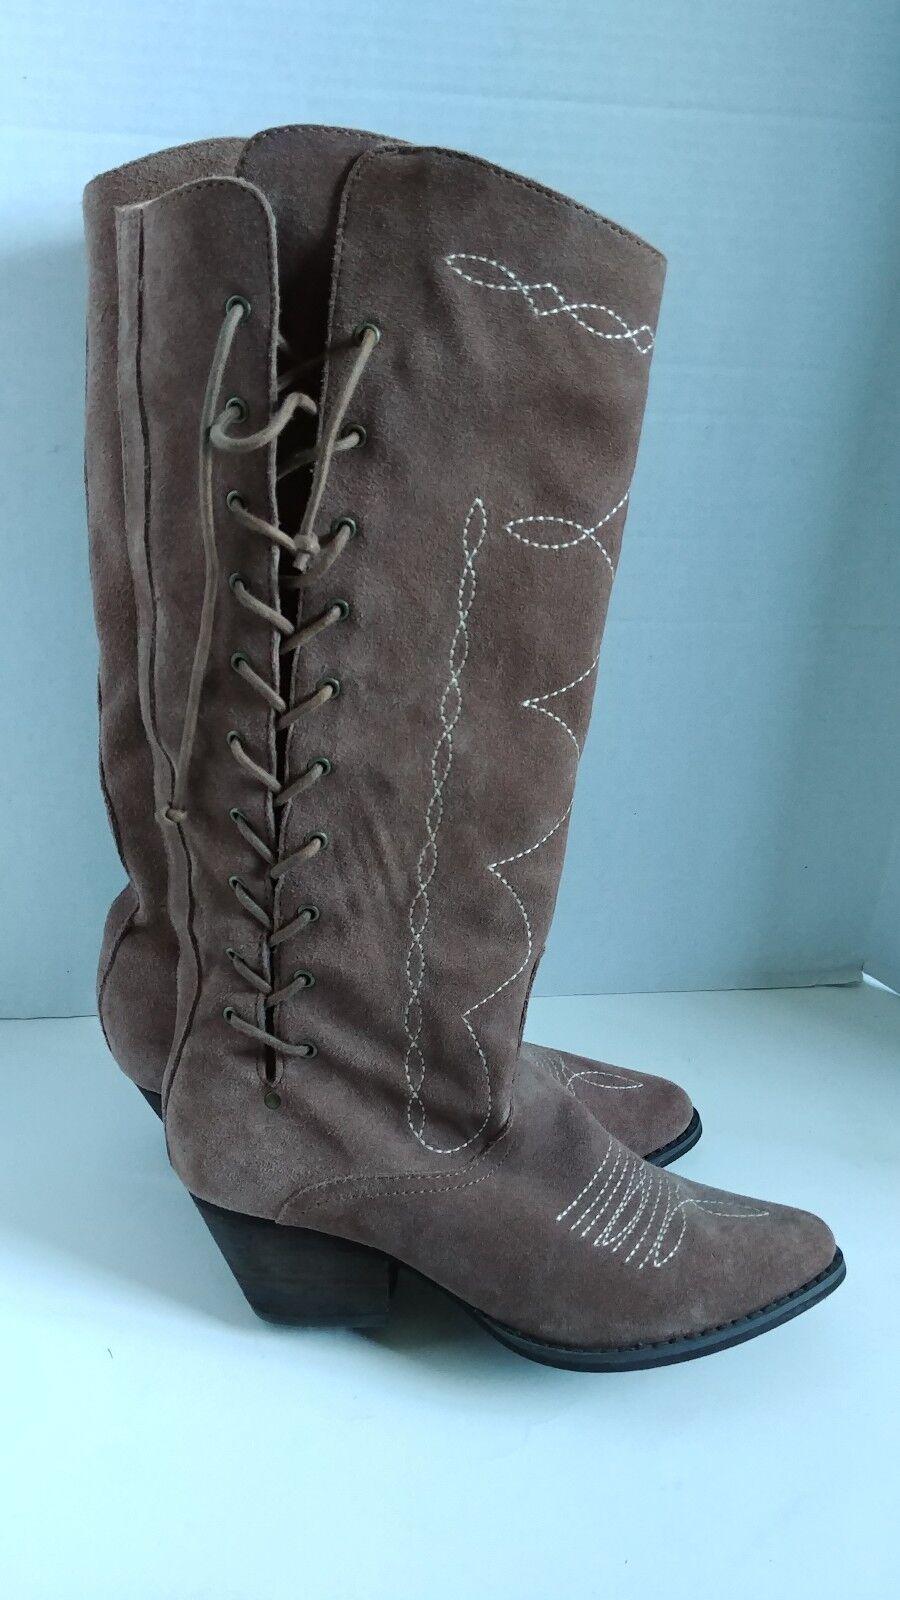 Reba tamaño 6.5 m banda de cuero tostado la la la rodilla botas altas nuevas Mujer Zapatos  garantizado